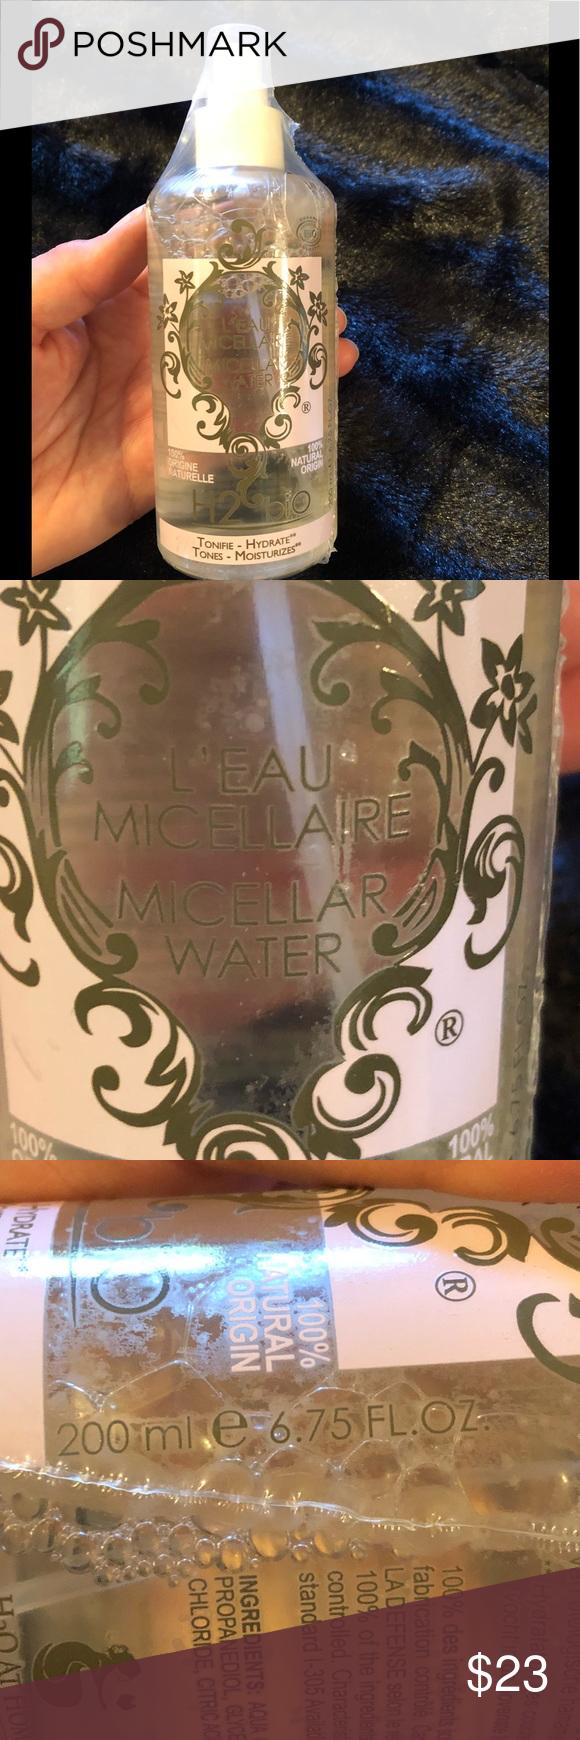 H2O At Home Micellar water NEW Micellar water, Micellar